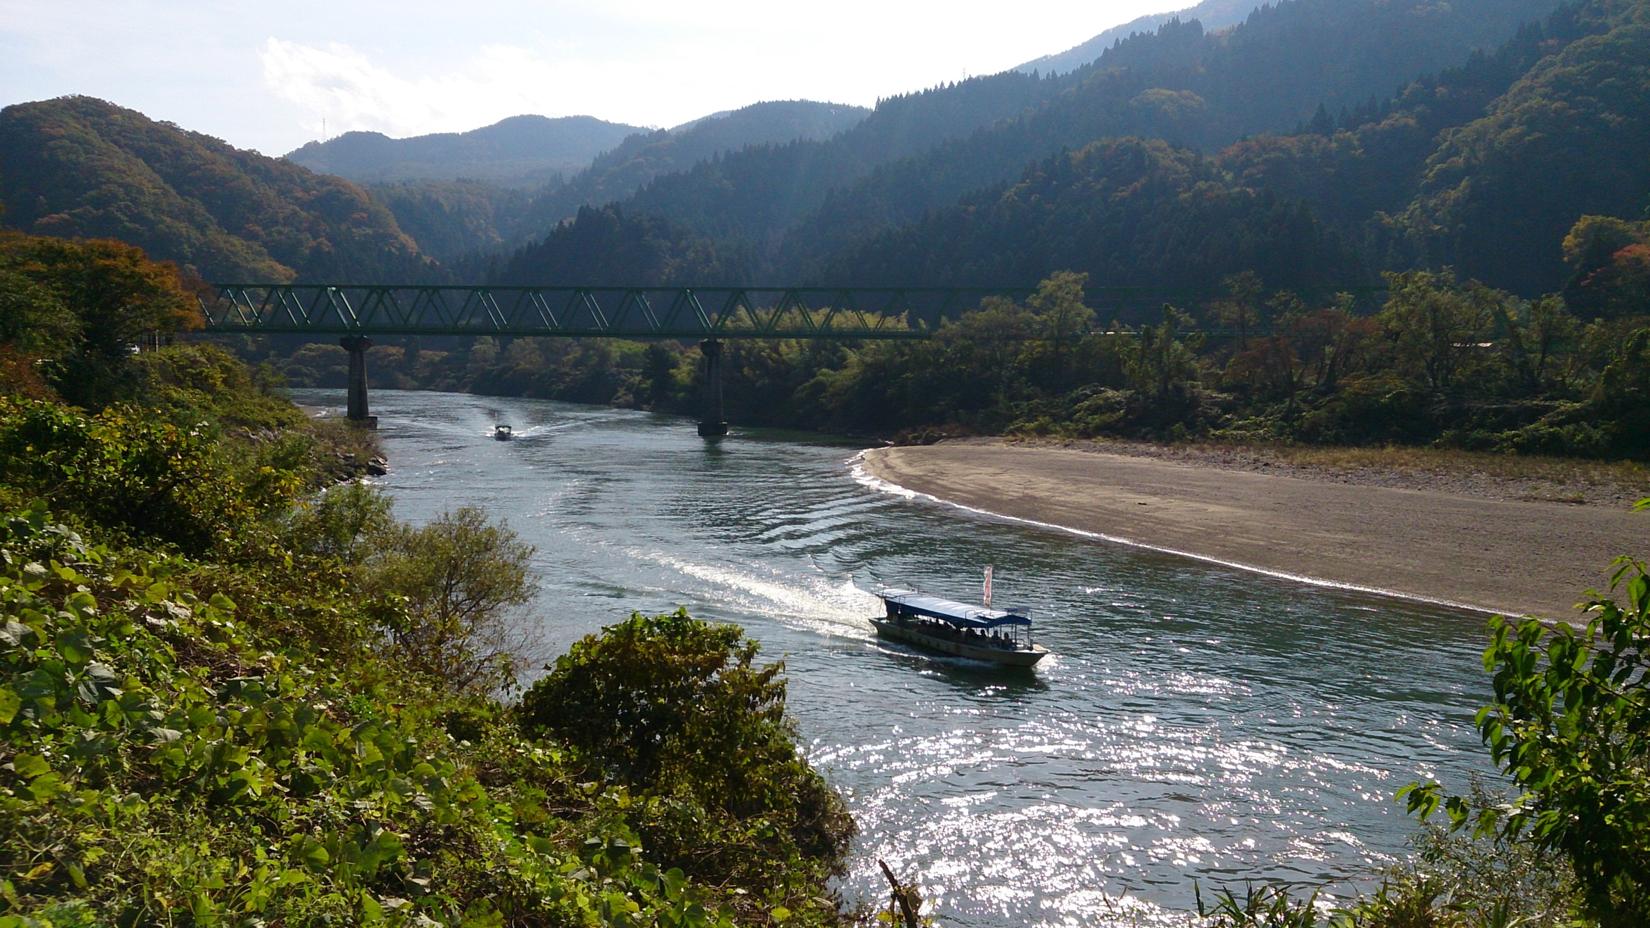 ฟุนาคุดาริ เส้นอะบุคุม่า (เดินทางไปตามทางปลายน้ำโดยเรือ)